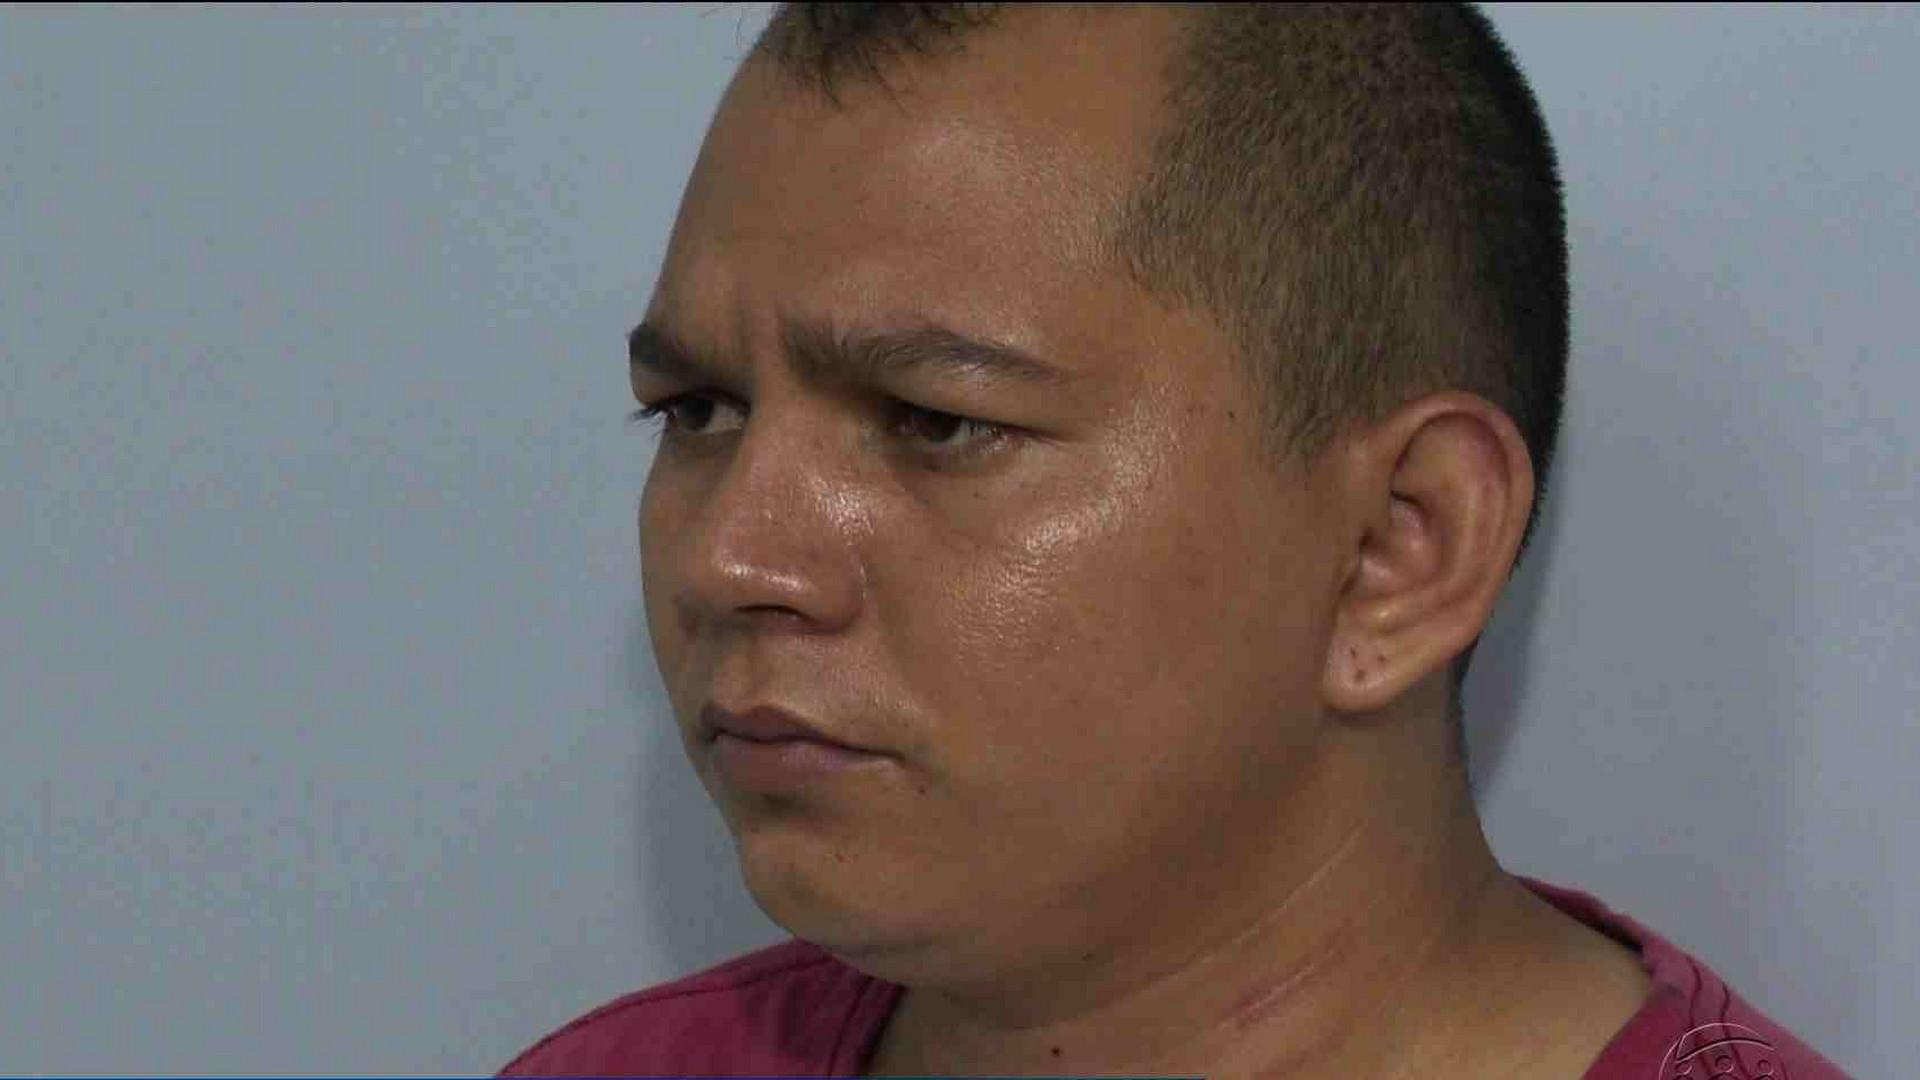 TERROR DO BECO GRANVILLE: HOMEM É PRESO - Cidade Alerta Manaus - 14/12/17